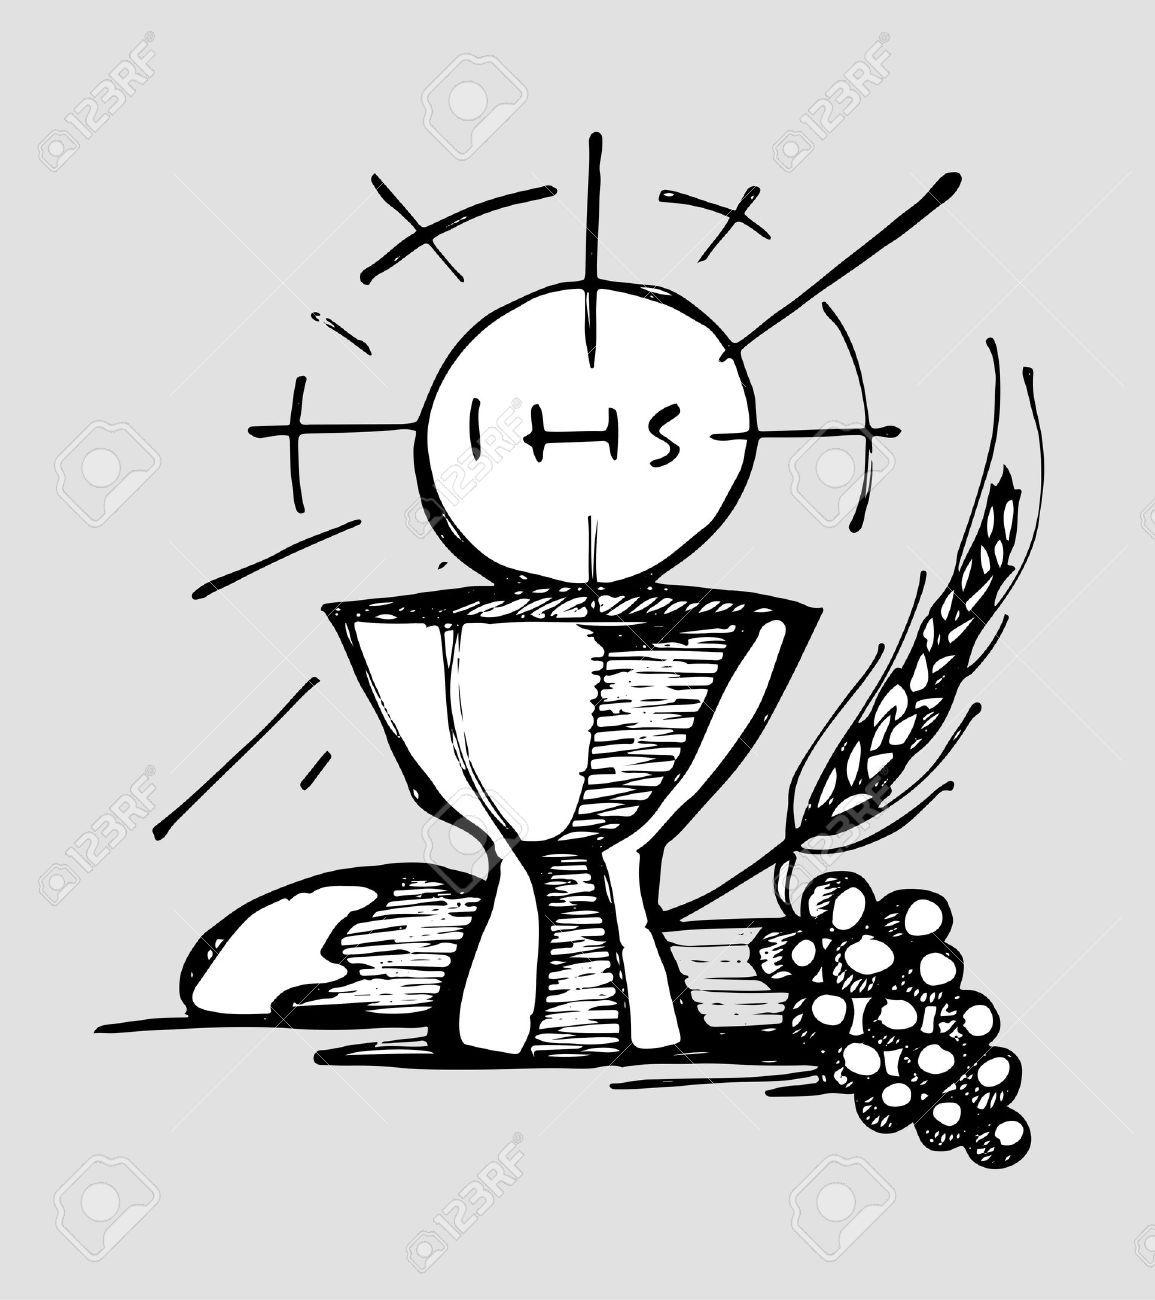 Dibujado A Mano Ilustracion Vectorial O Dibujo De Una Copa De Host Uvas Y Pan De Trigo Representacion Sacramento Catolico Eucaristia Eucaristia Manos Dibujo Ilustracion Vectorial